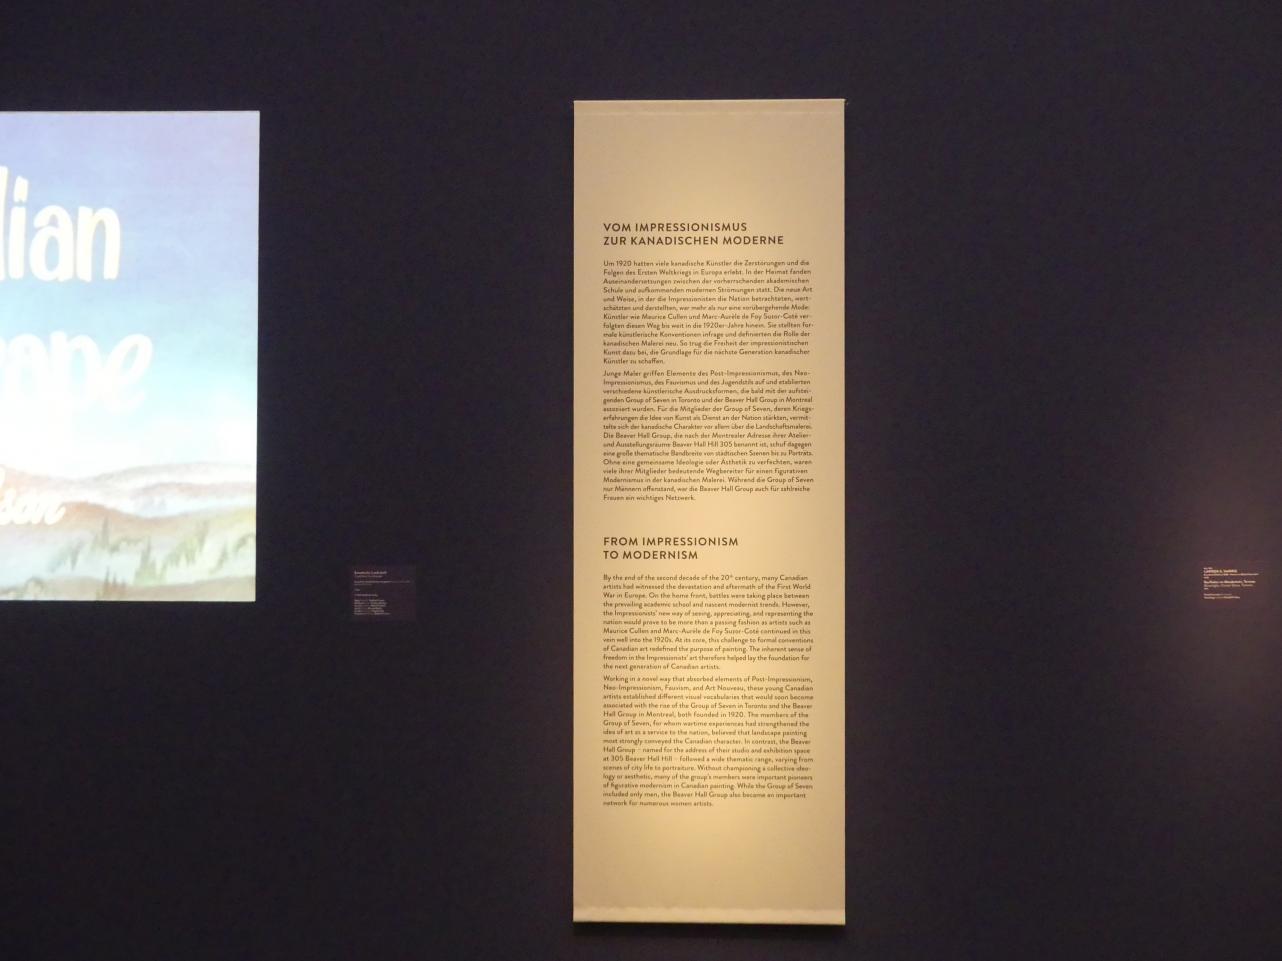 """München, Kunsthalle, Ausstellung """"Kanada und der Impressionismus"""" vom 19.7.-17.11.2019, Vom Impressionismus zur kanadischen Moderne, Bild 4/12"""